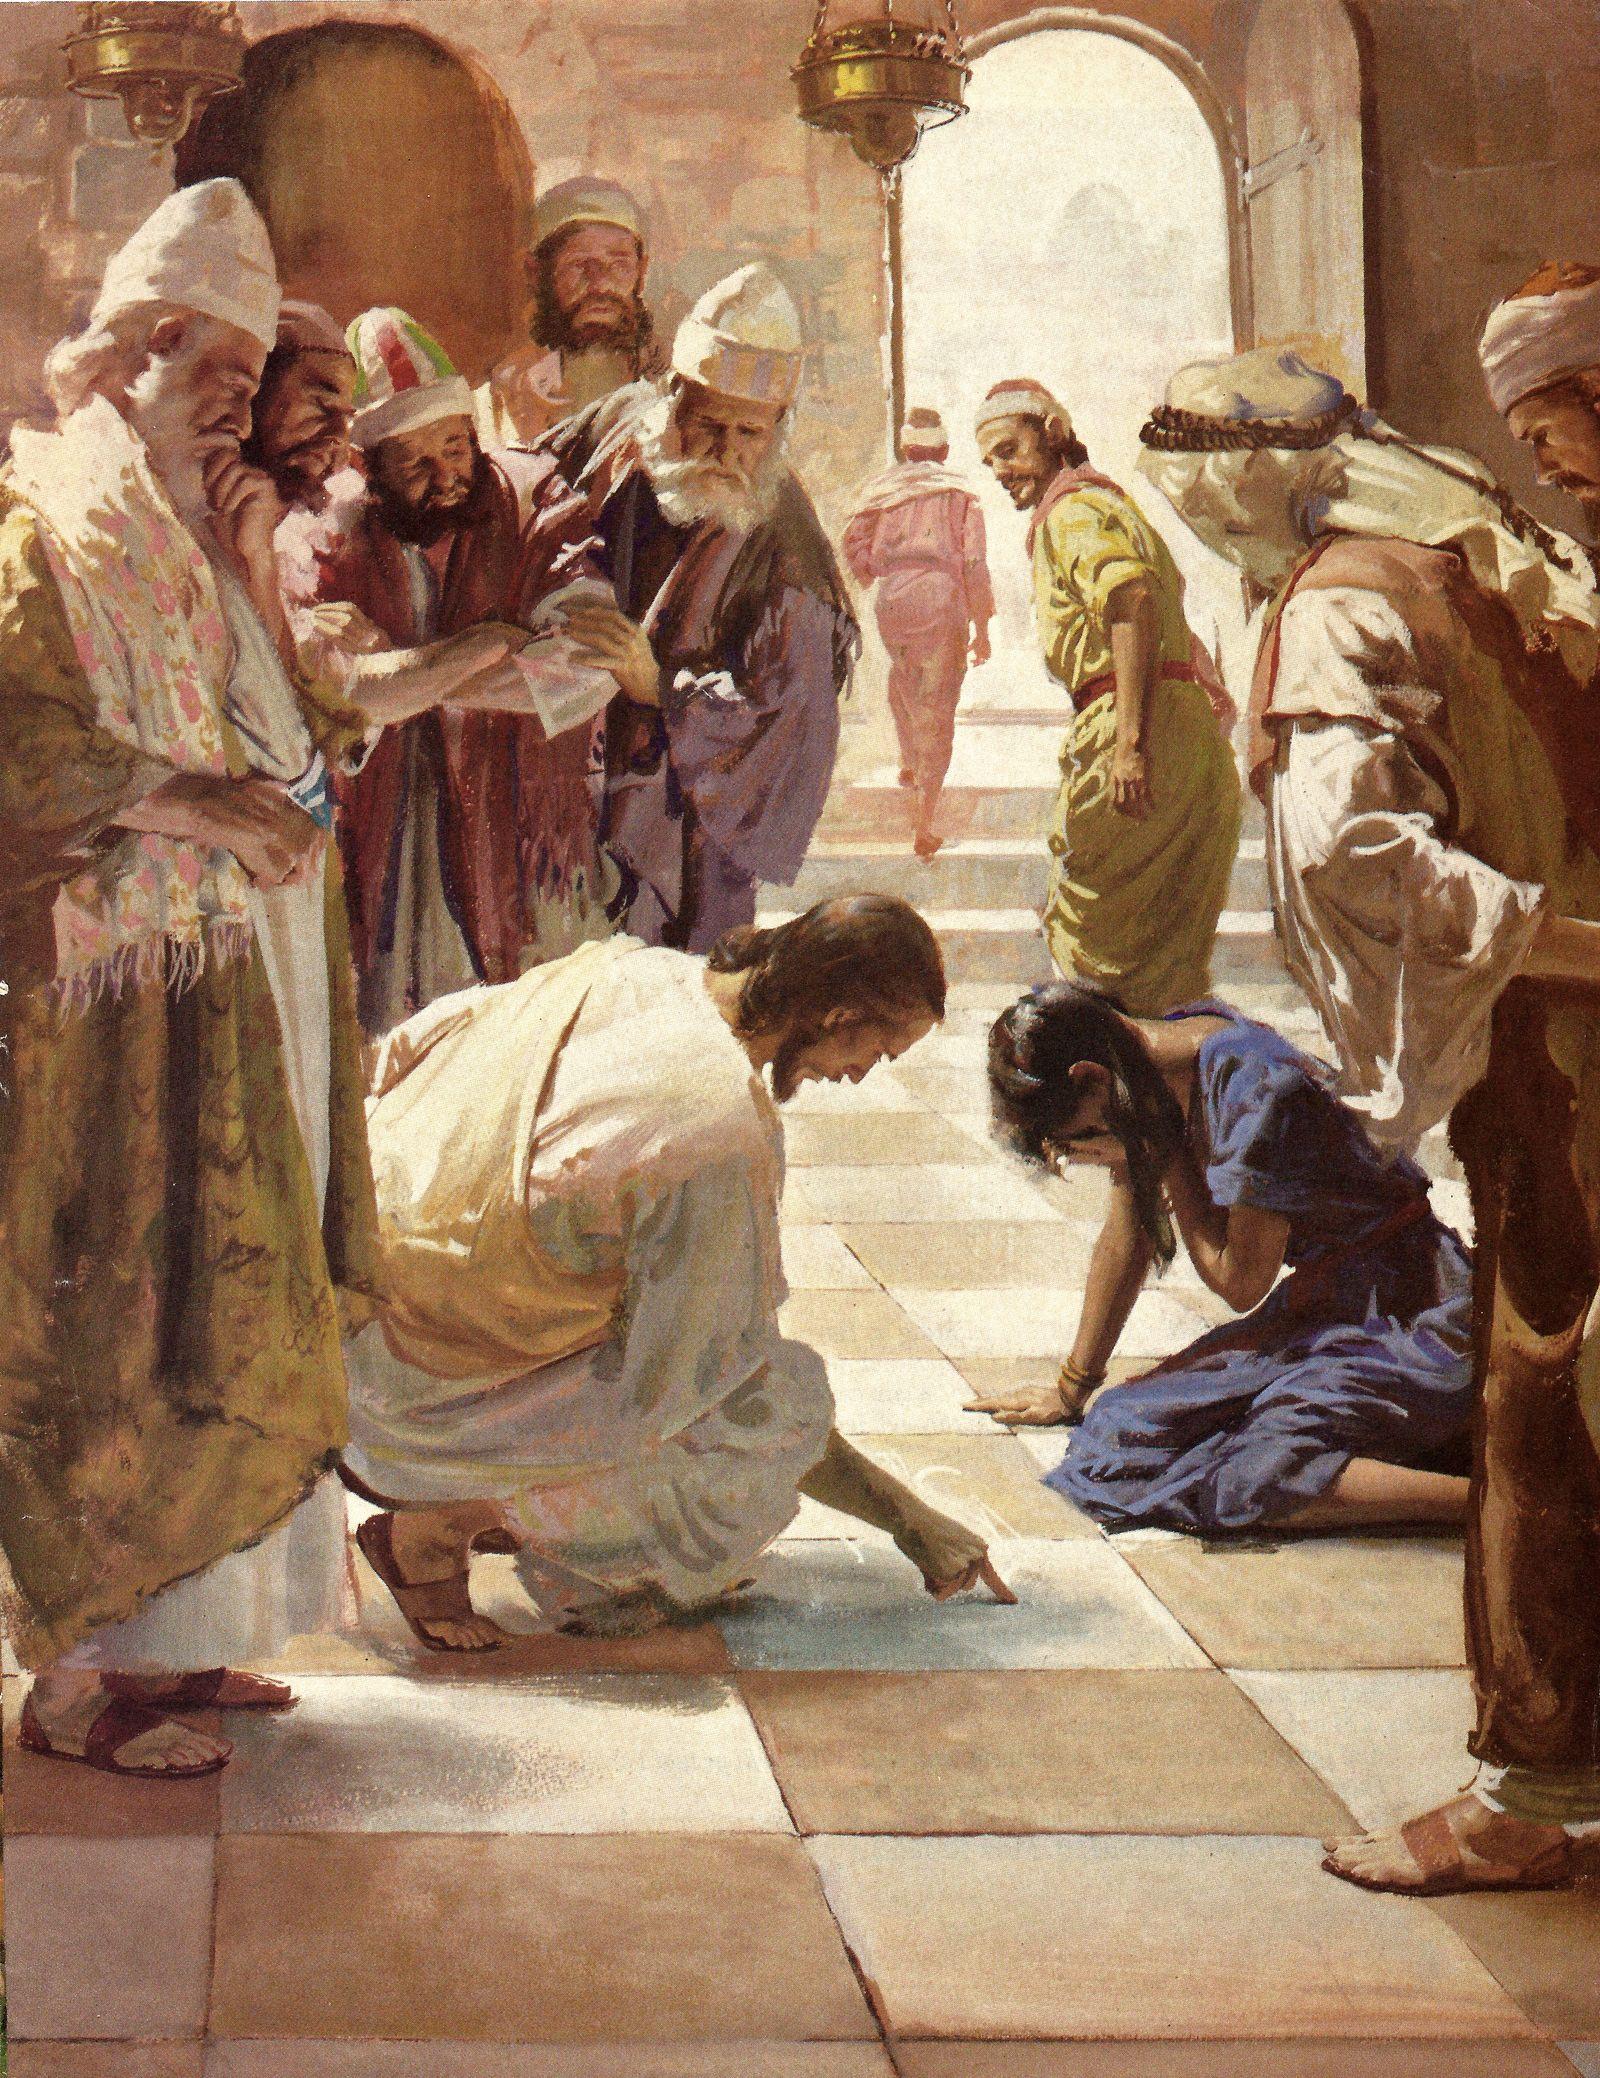 Harry Anderson | Biblical art, Christian artwork, Bible art